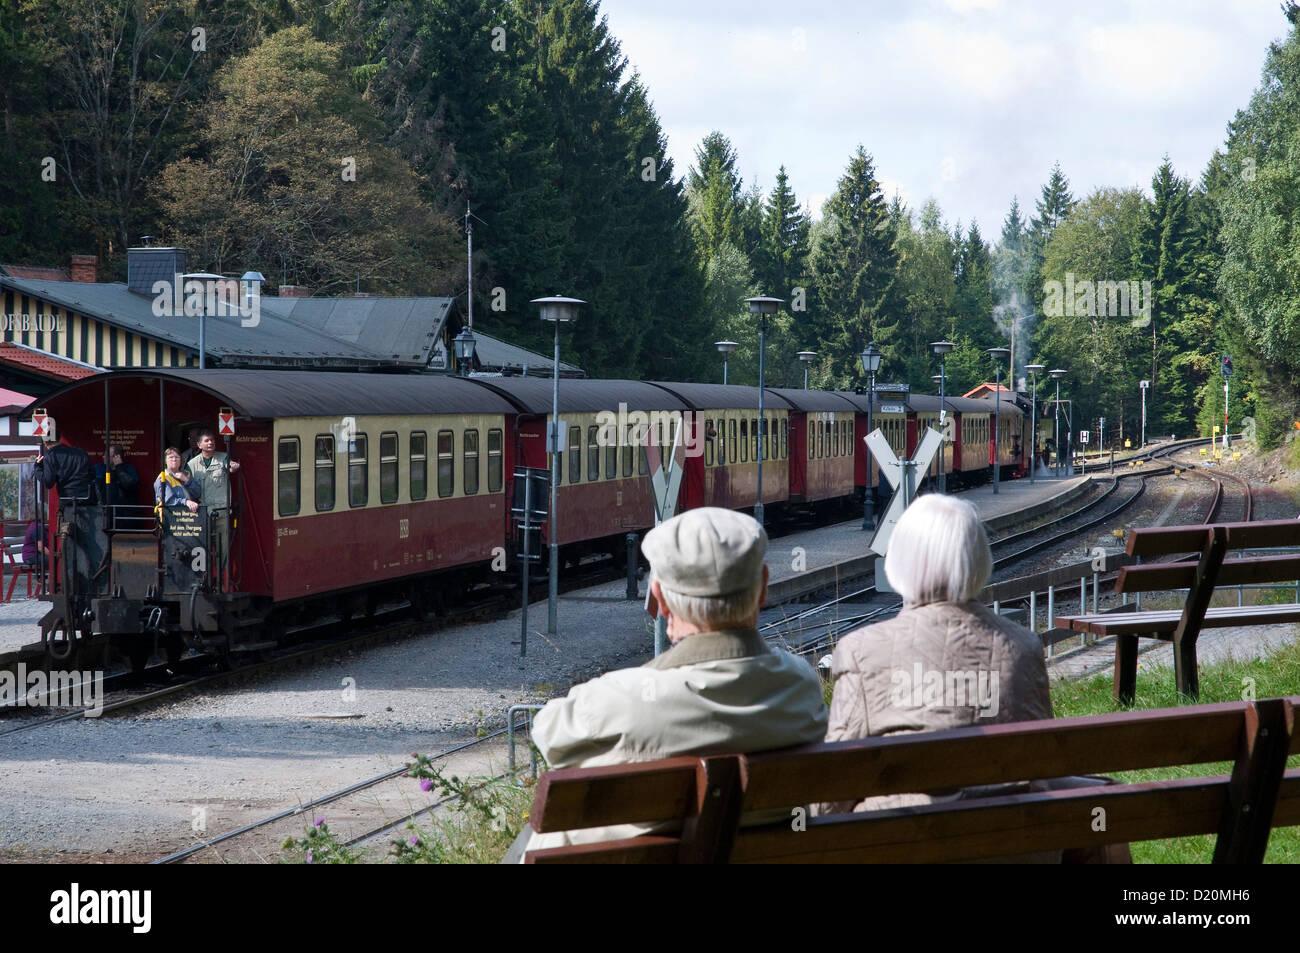 Steam railway, Brockenbahn, HSB Harz narrow-gauge railways, railway station Schierke, Harz, Saxony-Anhalt, Germany - Stock Image